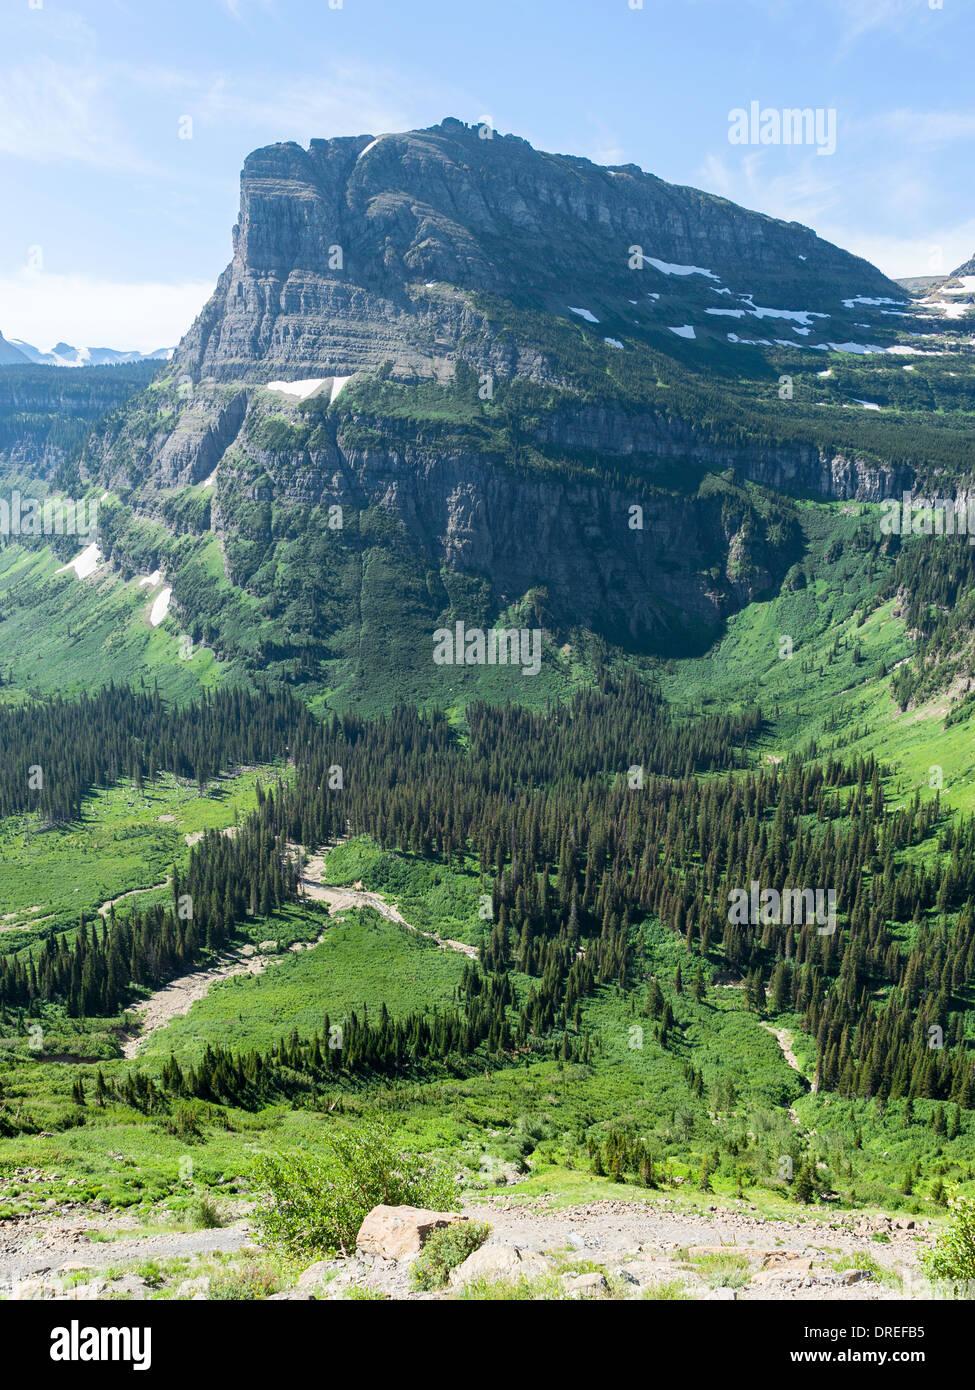 """Deslizadera pesada Montaña, visto desde """"va-a-la-sol' carretera construida (1921-1932), el parque nacional de Glacier, Montana, EE.UU. Imagen De Stock"""